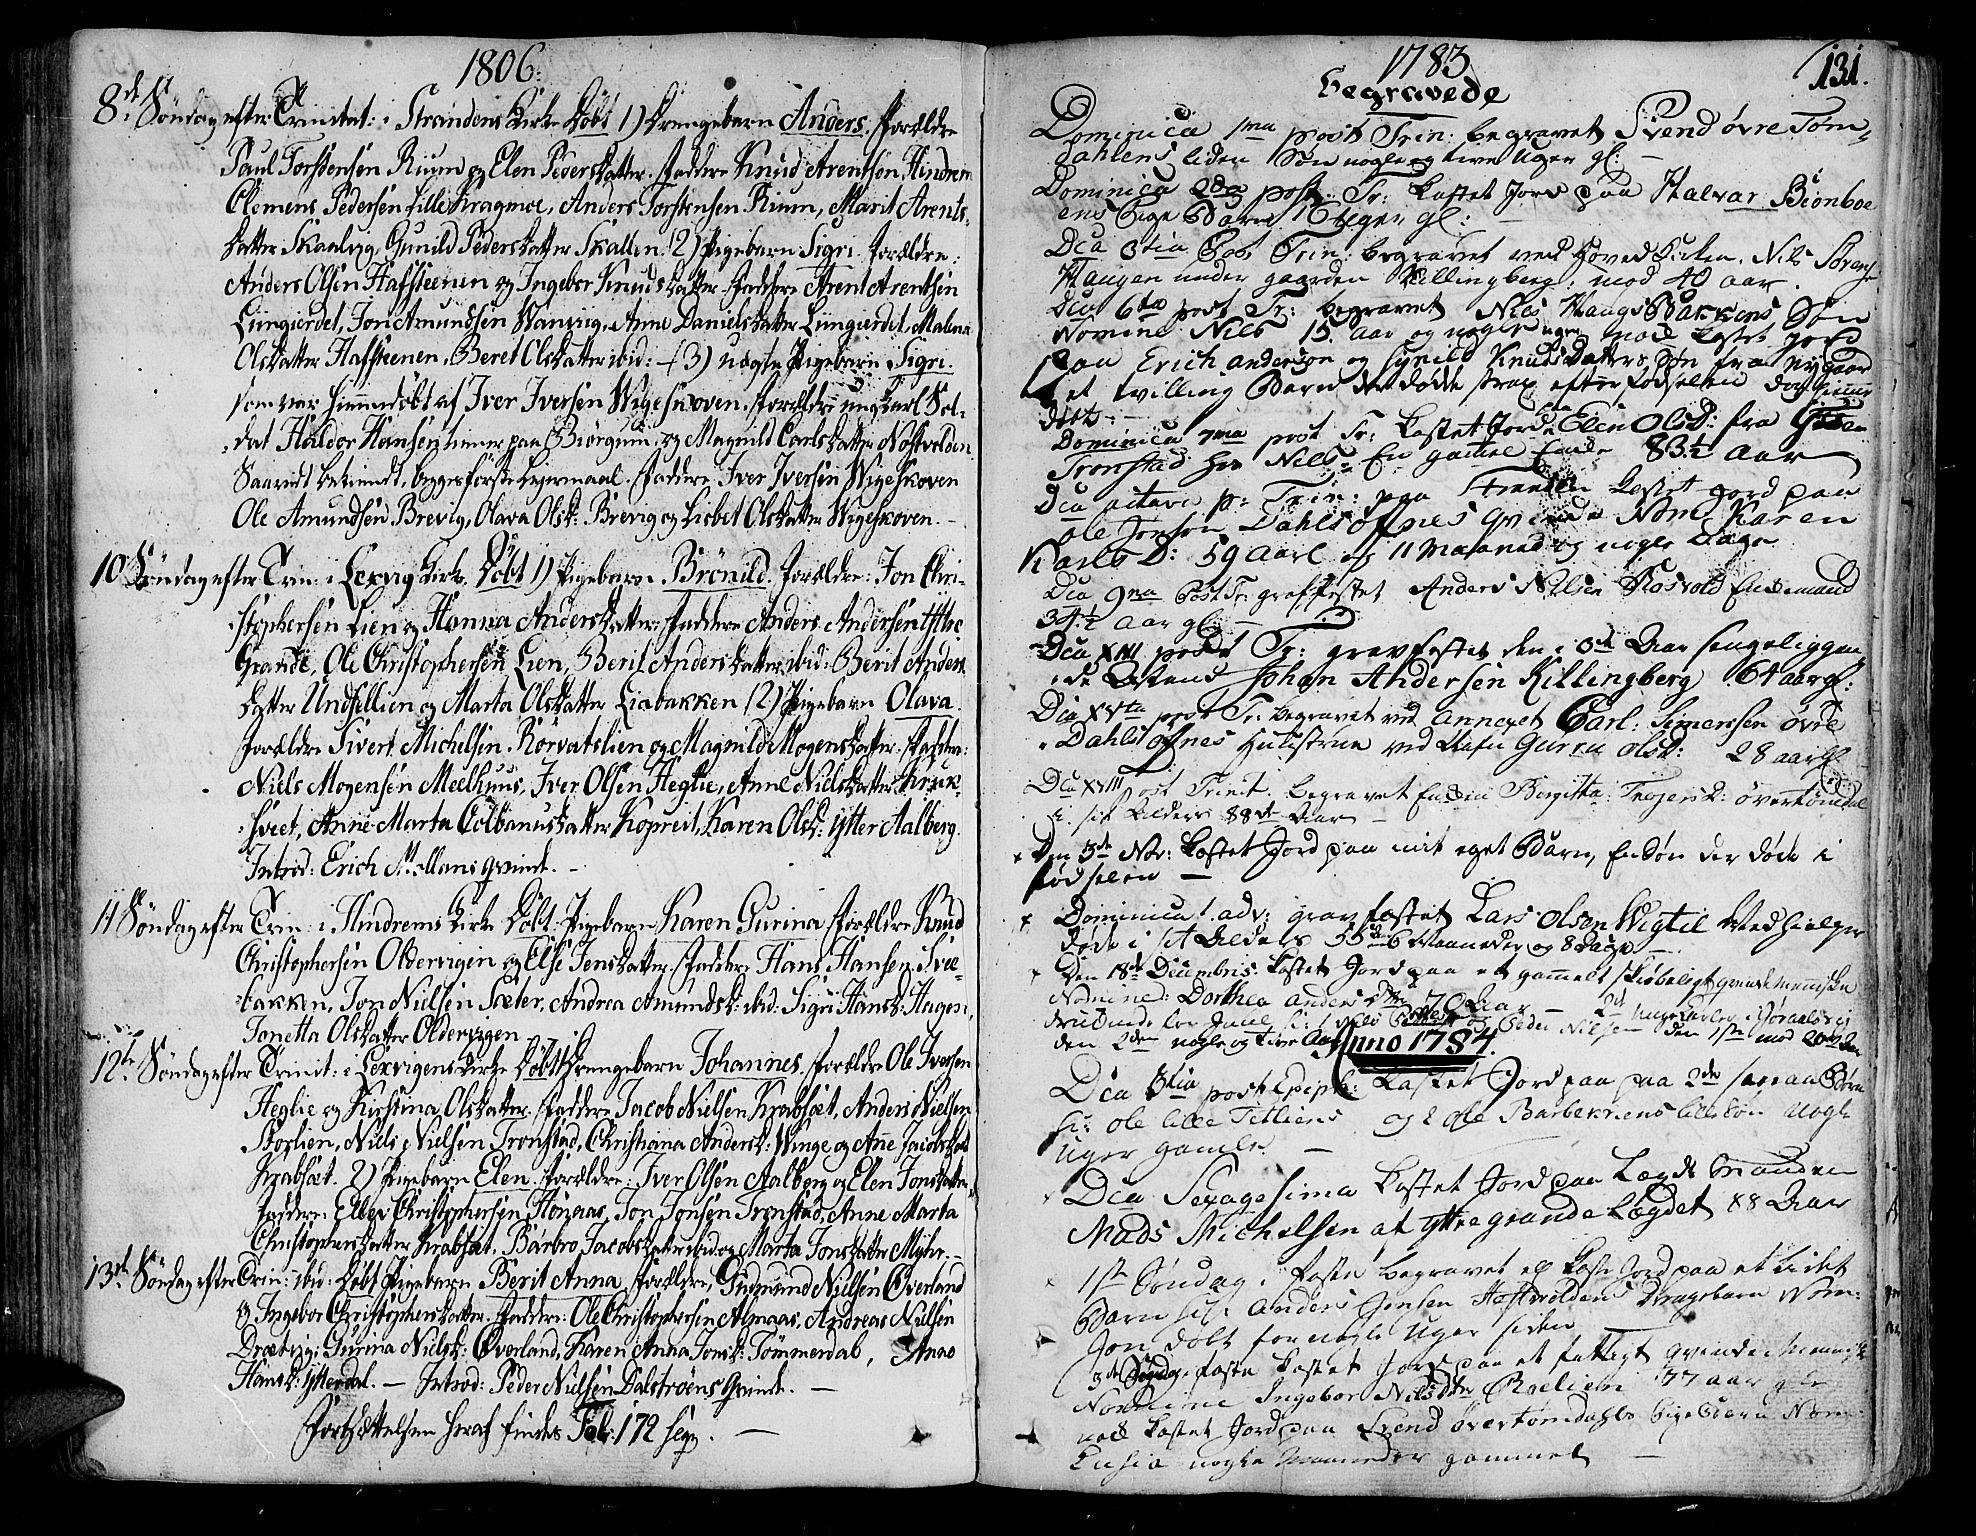 SAT, Ministerialprotokoller, klokkerbøker og fødselsregistre - Nord-Trøndelag, 701/L0004: Parish register (official) no. 701A04, 1783-1816, p. 131